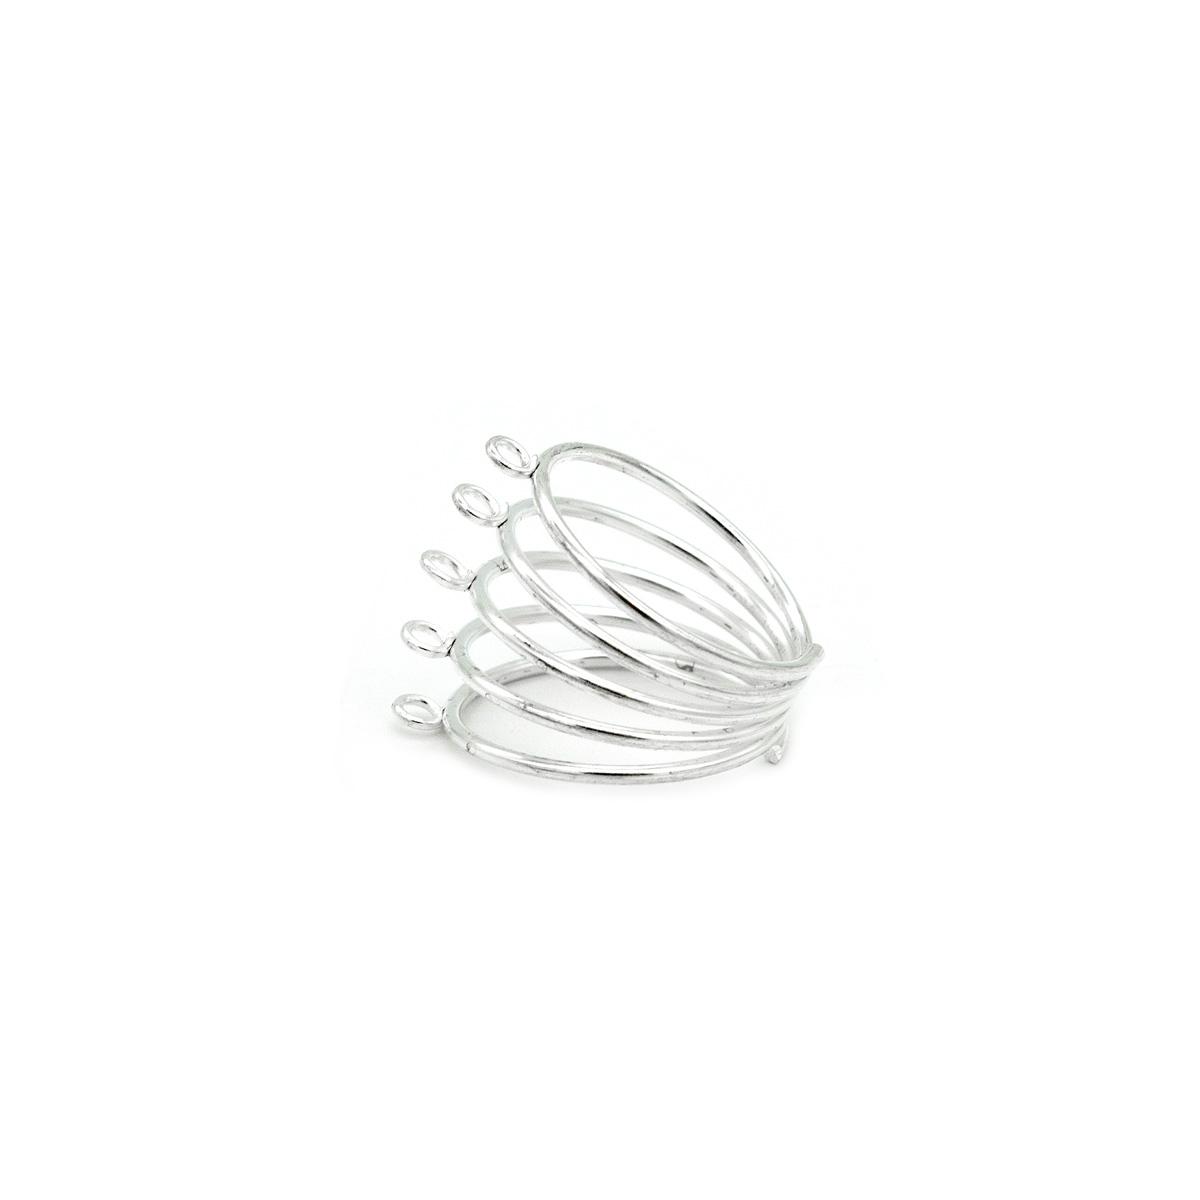 Заготовка для кольца 'Пружина' (серебро)